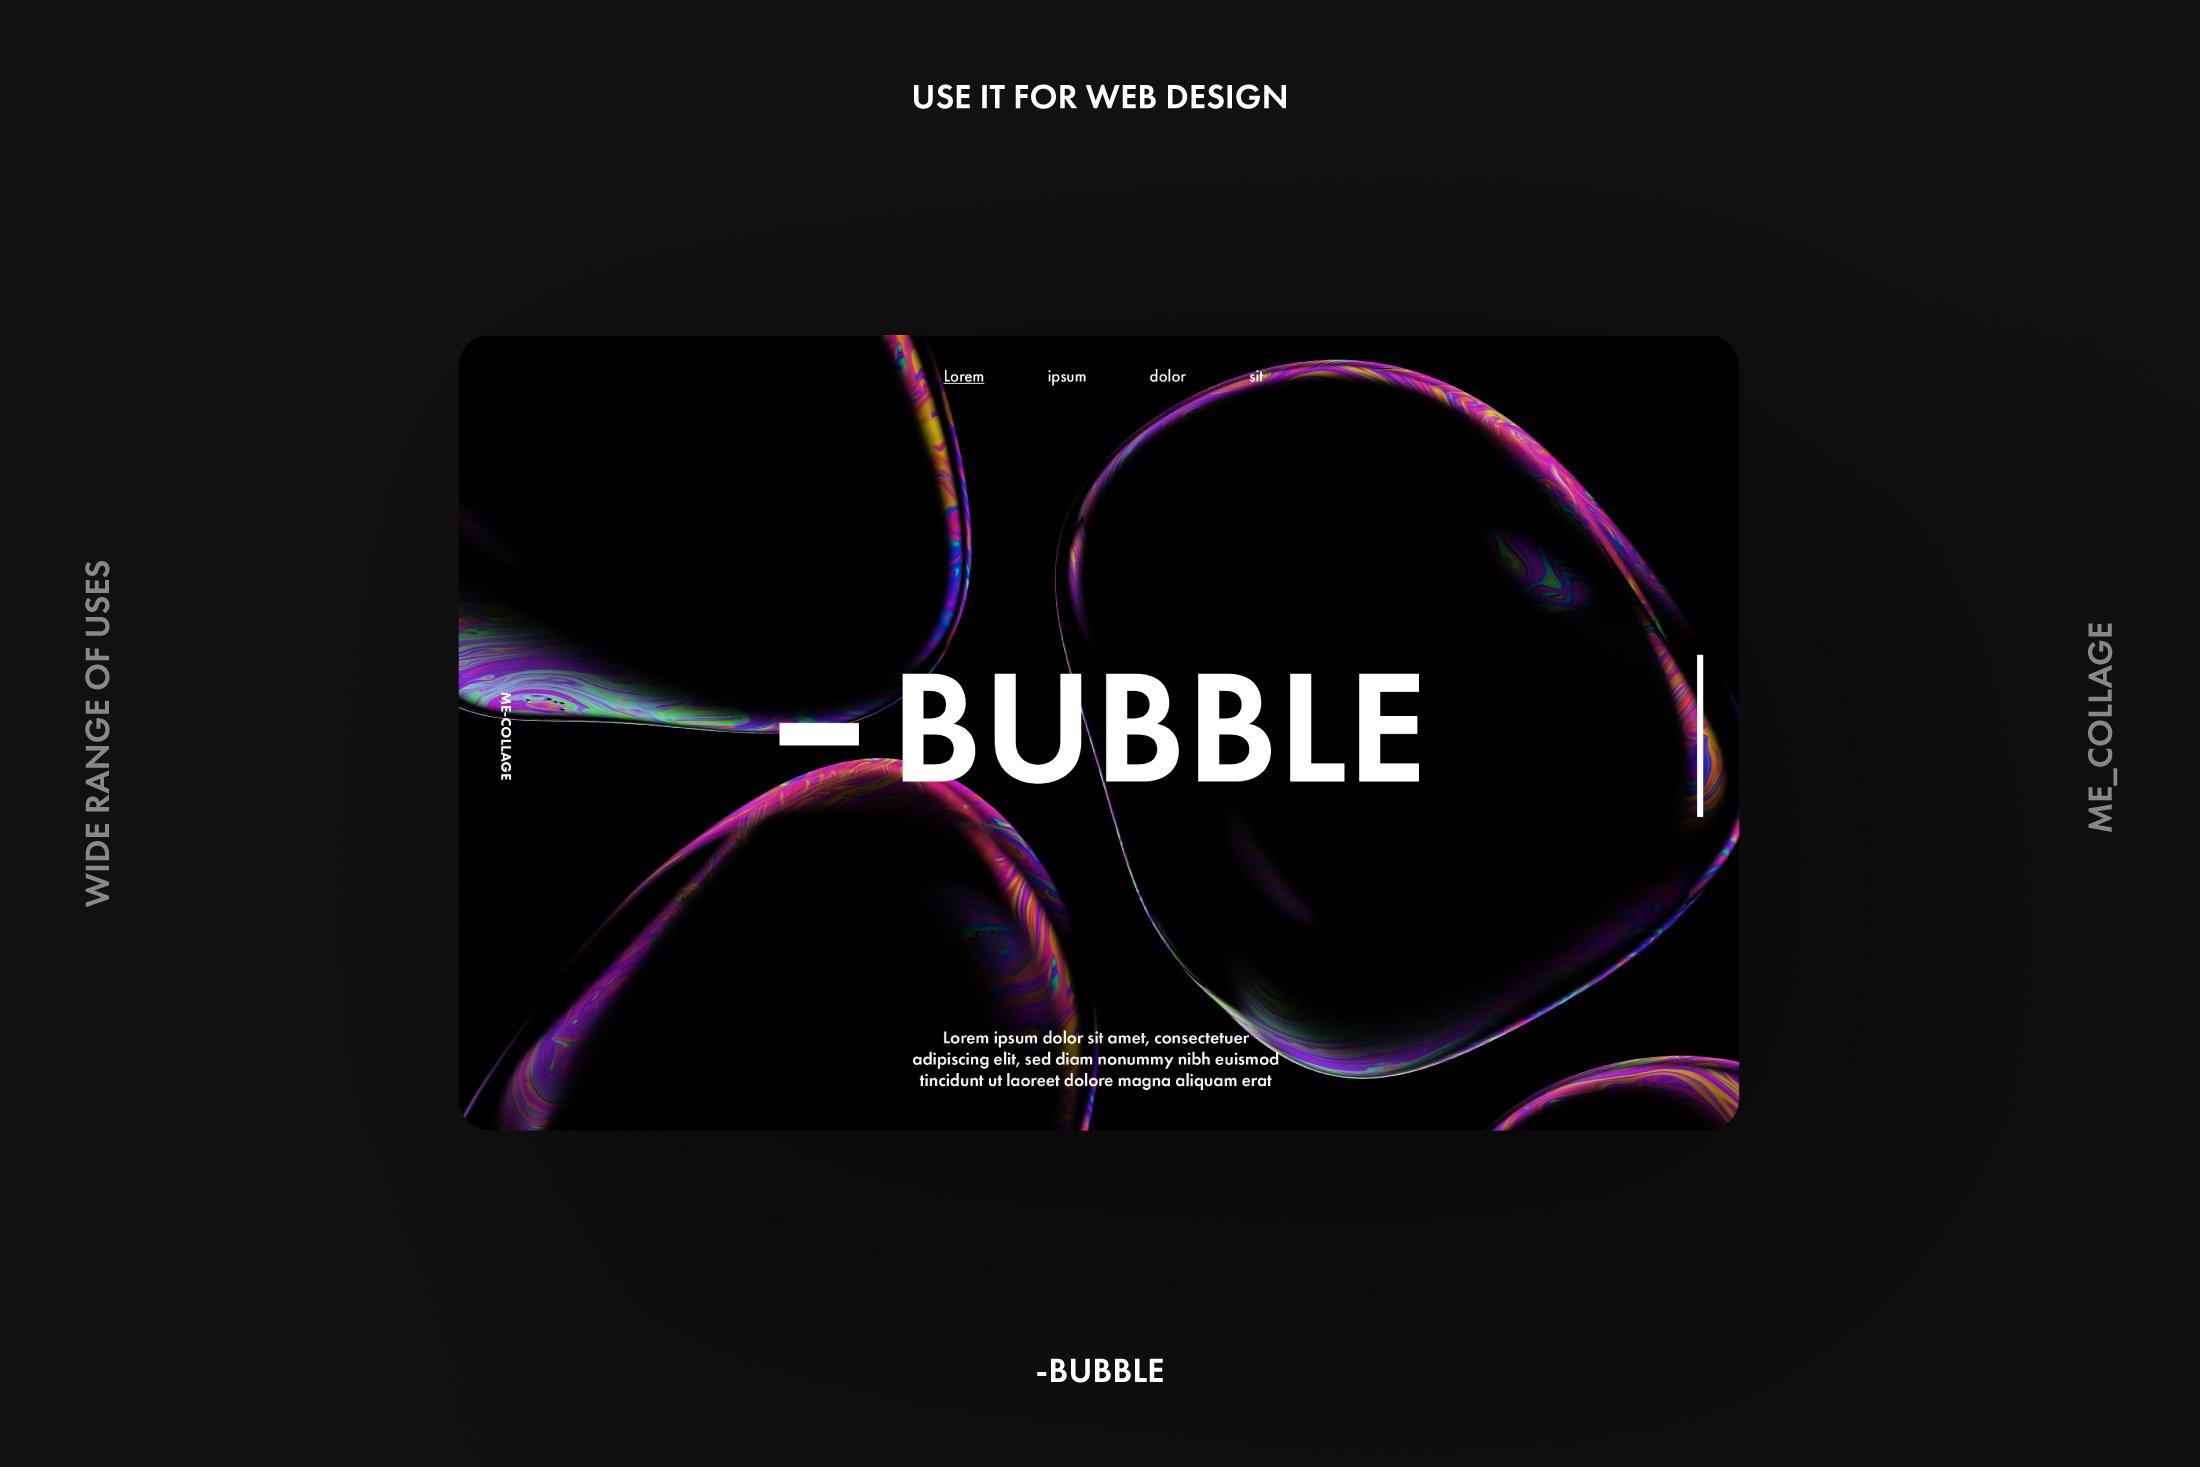 [已解锁精品素材] 高清炫彩抽象透明肥皂气泡海报背景底纹素材 BUBBLE – 15 Soap Bubbles插图6